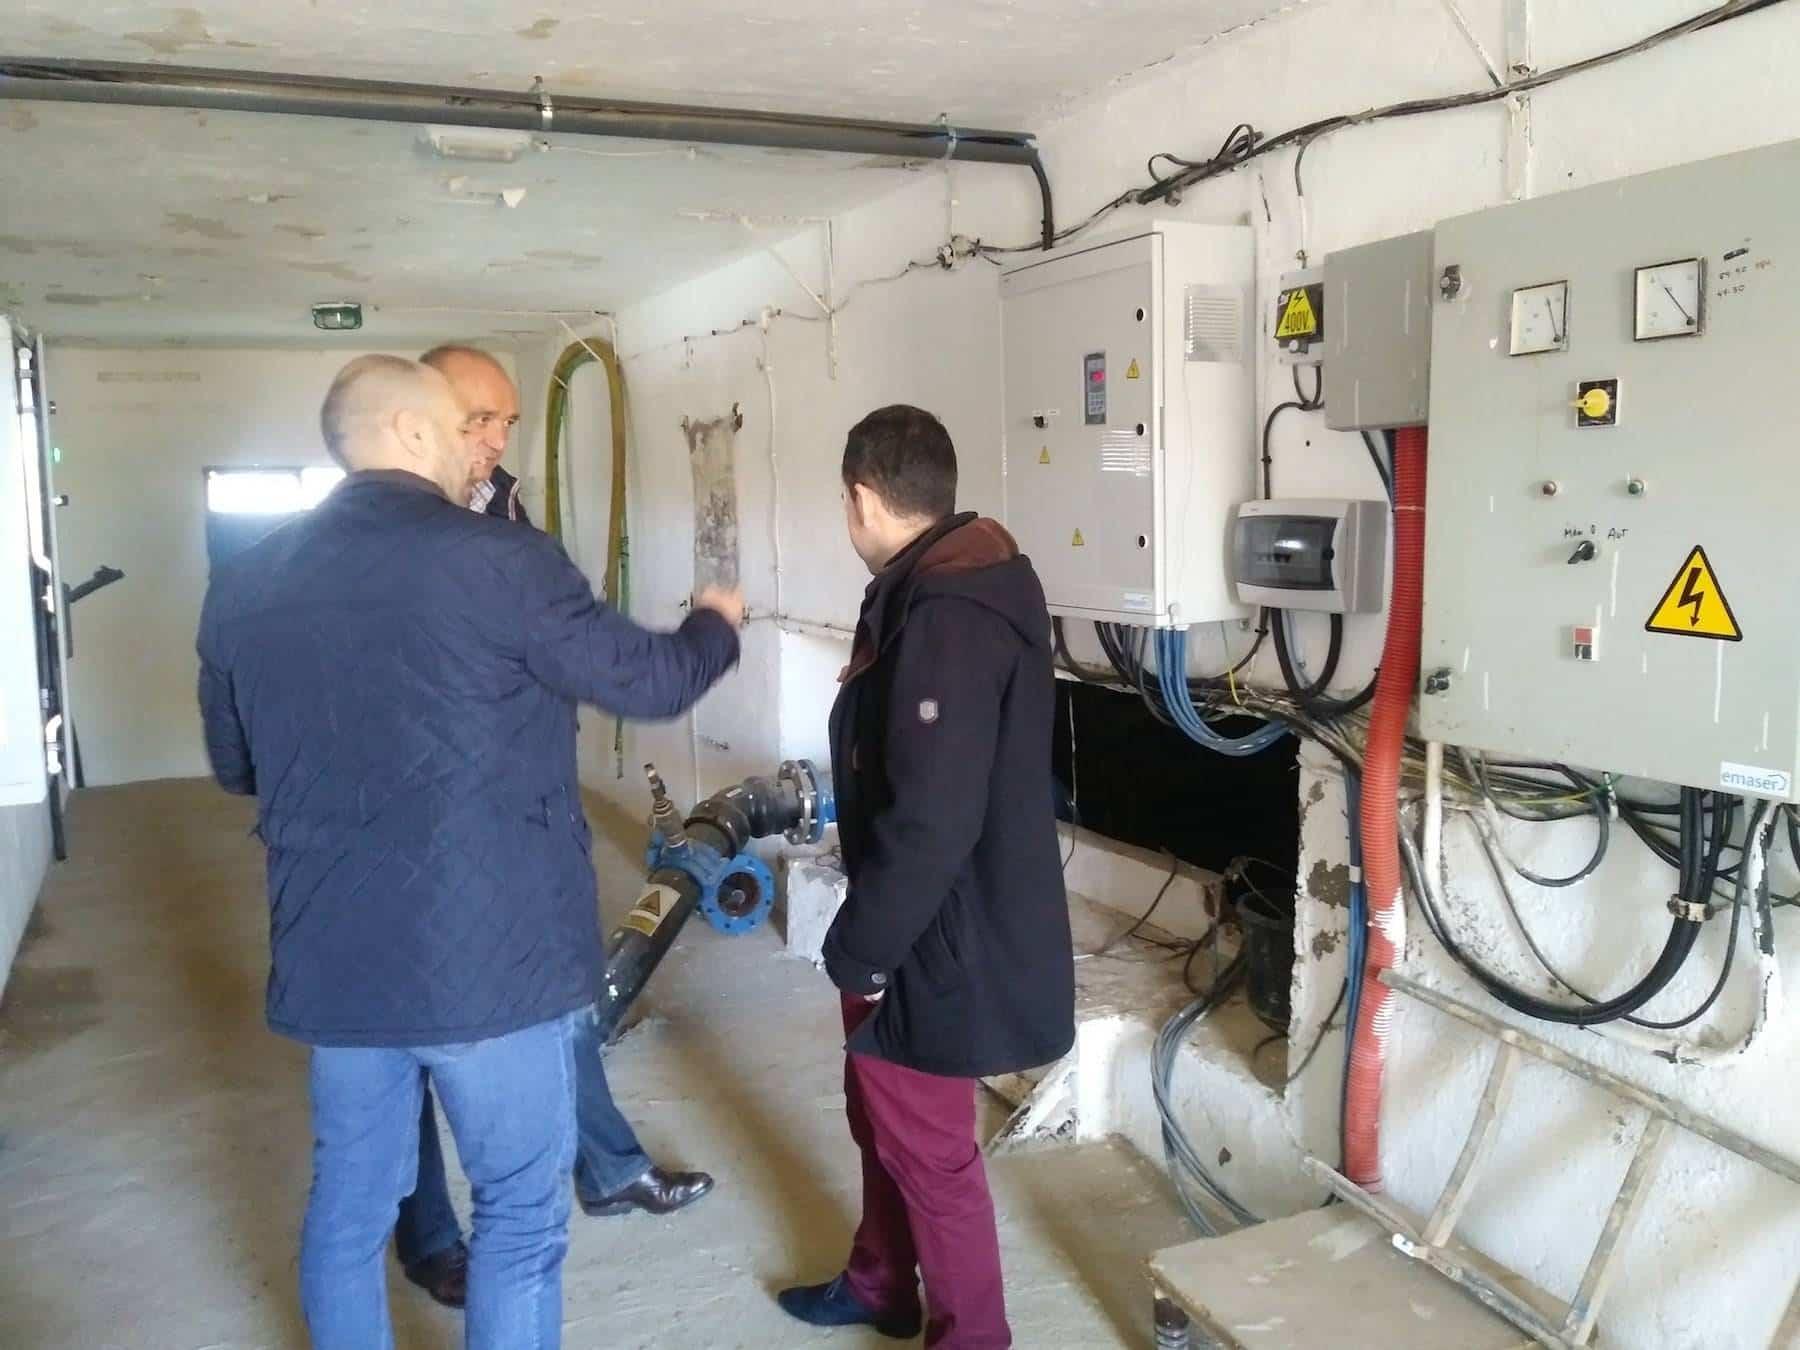 emaser la juncada herencia 2 - Mejoras en la eficiencia energética y disminución dei impacto ambiental en La Juncada